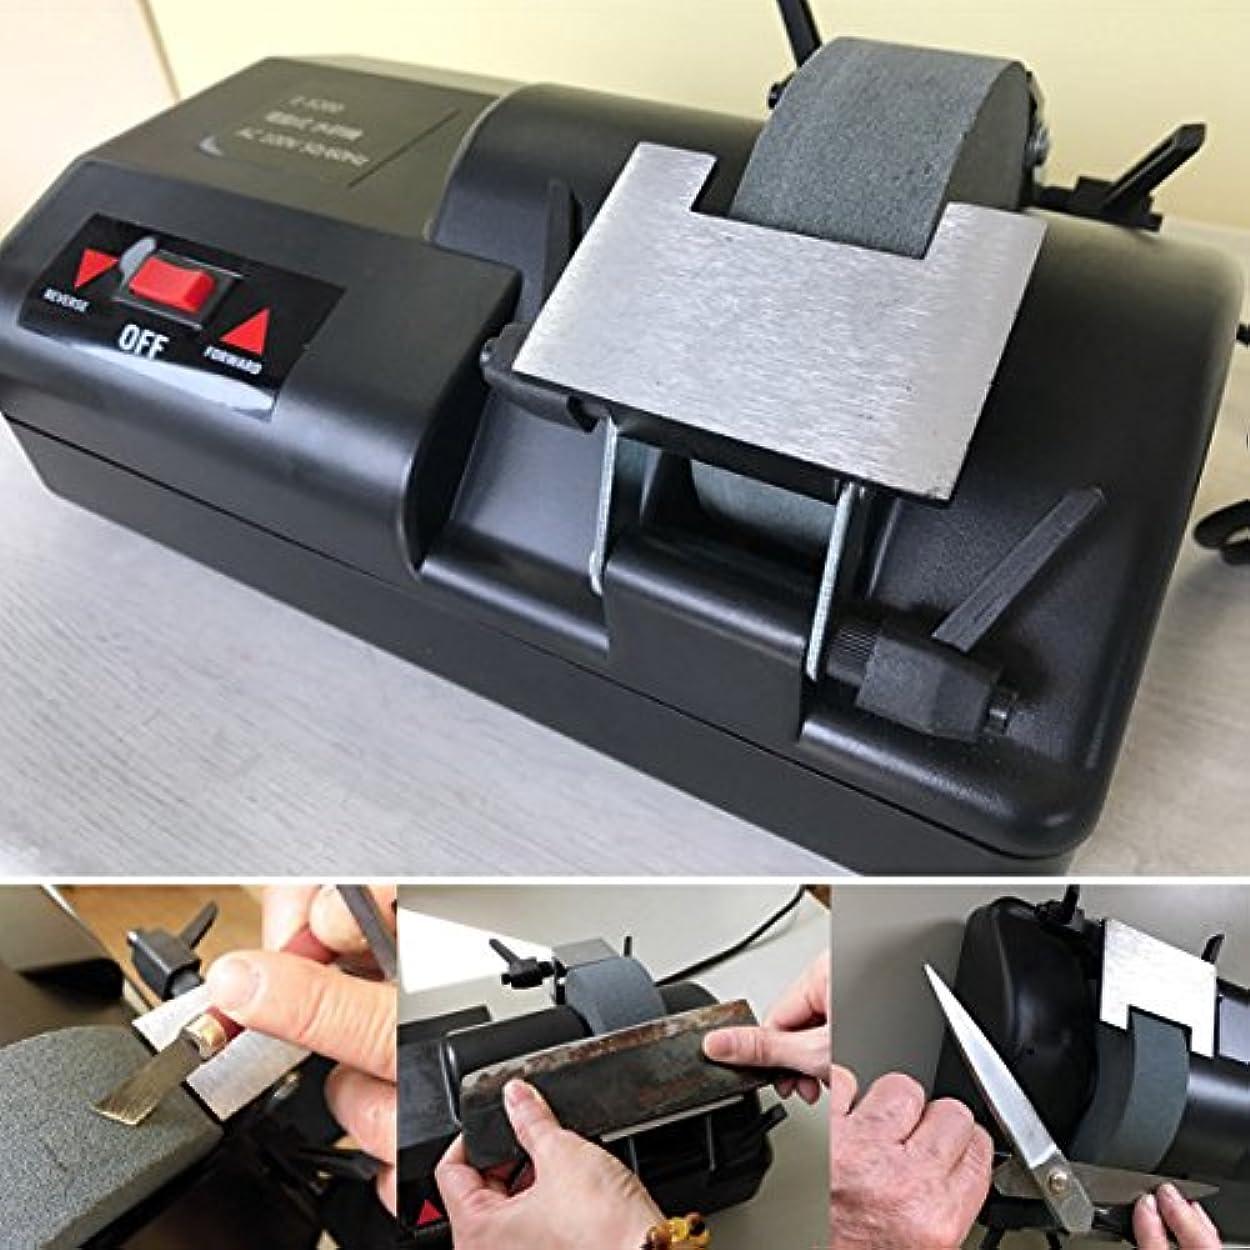 火炎いたずらなポンド電動式水研機 卓上刃物研ぎ器 E-5200 グラインダー研磨機 とぎ器